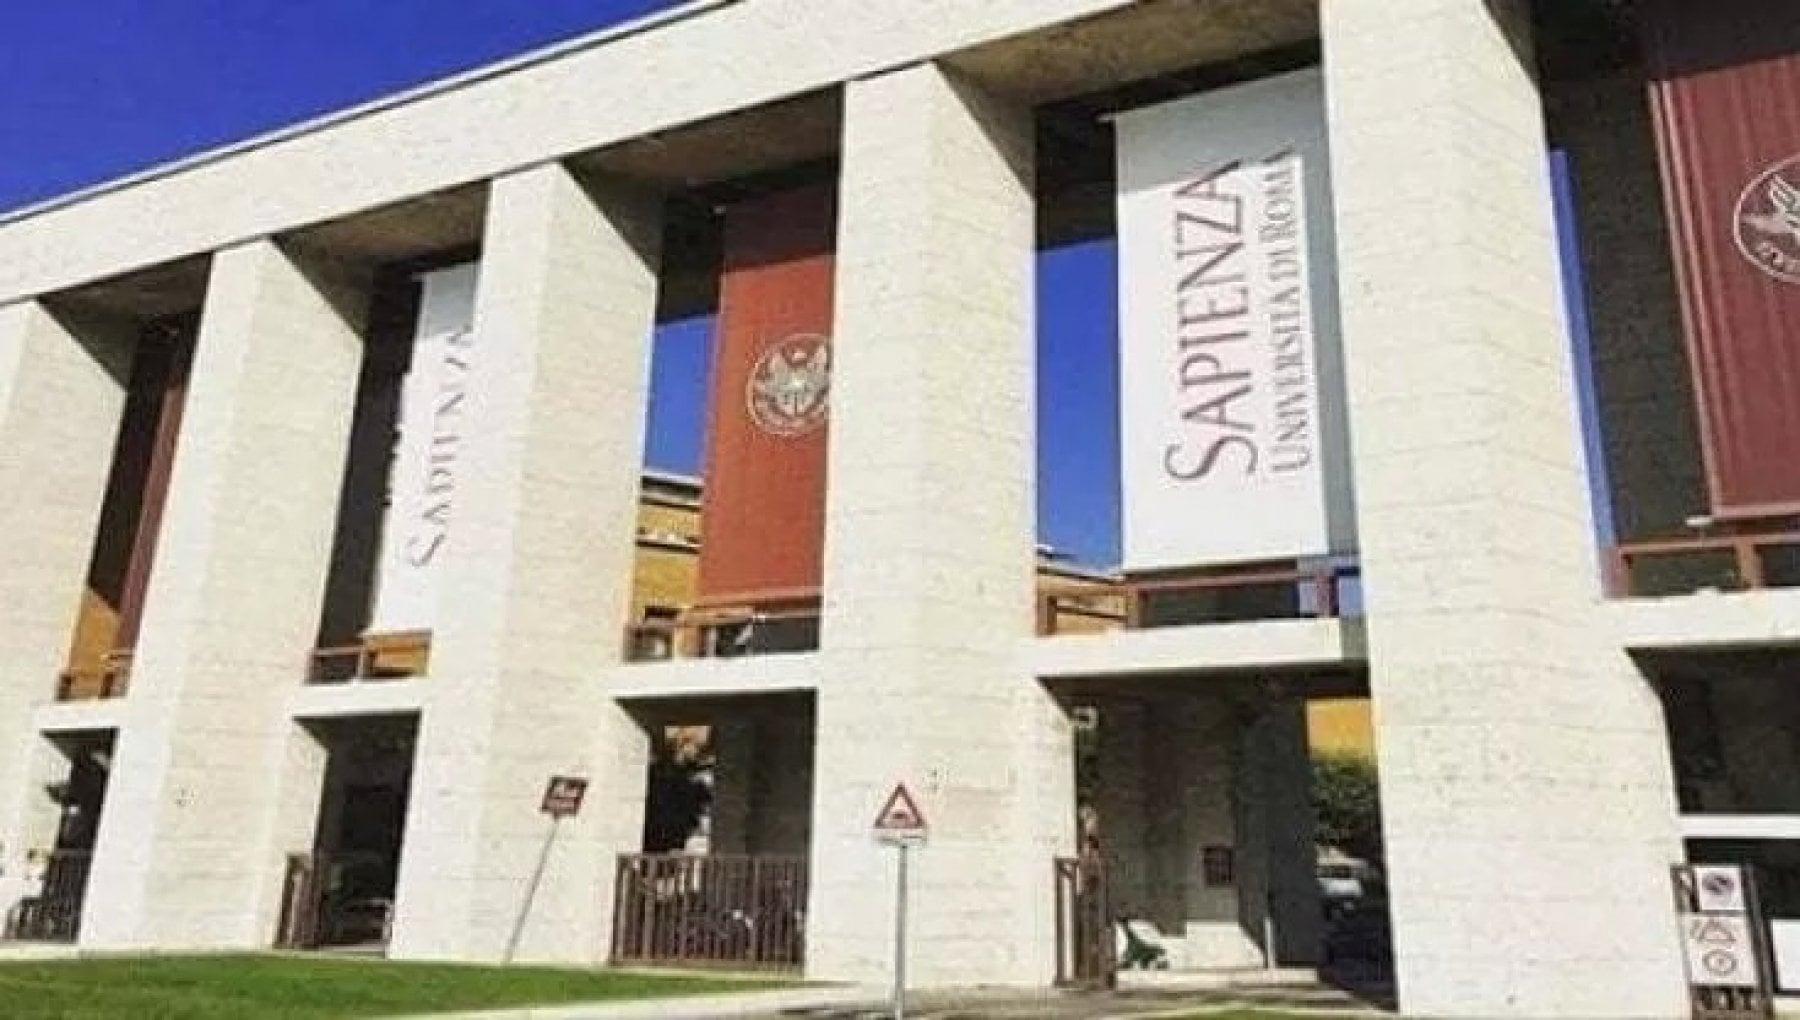 223252971 5016f4f5 aba0 463a 9033 7f83c50227bc - Quarantuno italiane tra le mille università migliori del mondo